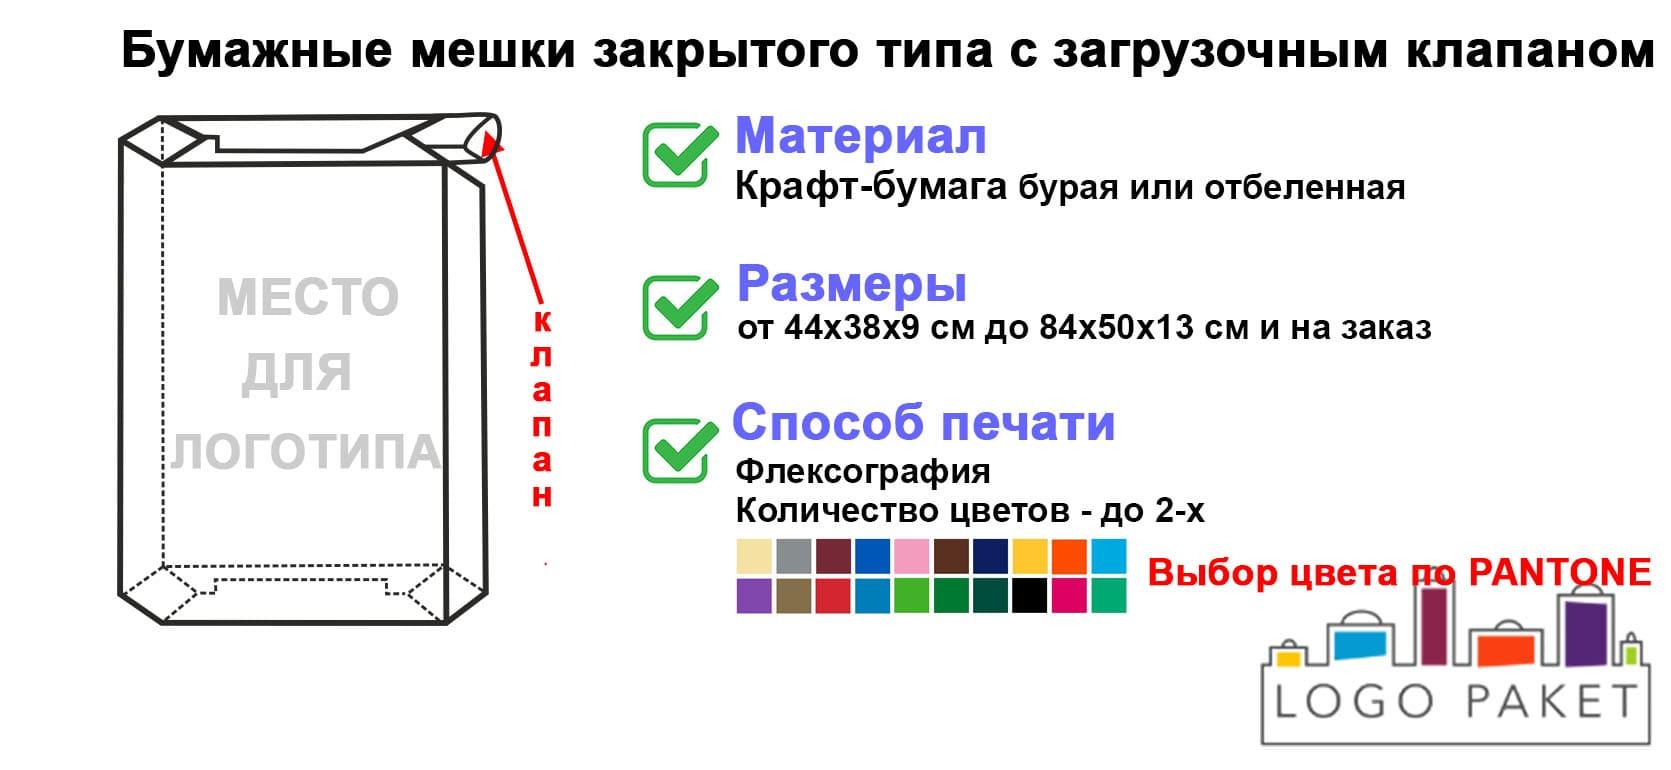 Бумажные мешки закрытого типа с загрузочным клапаном